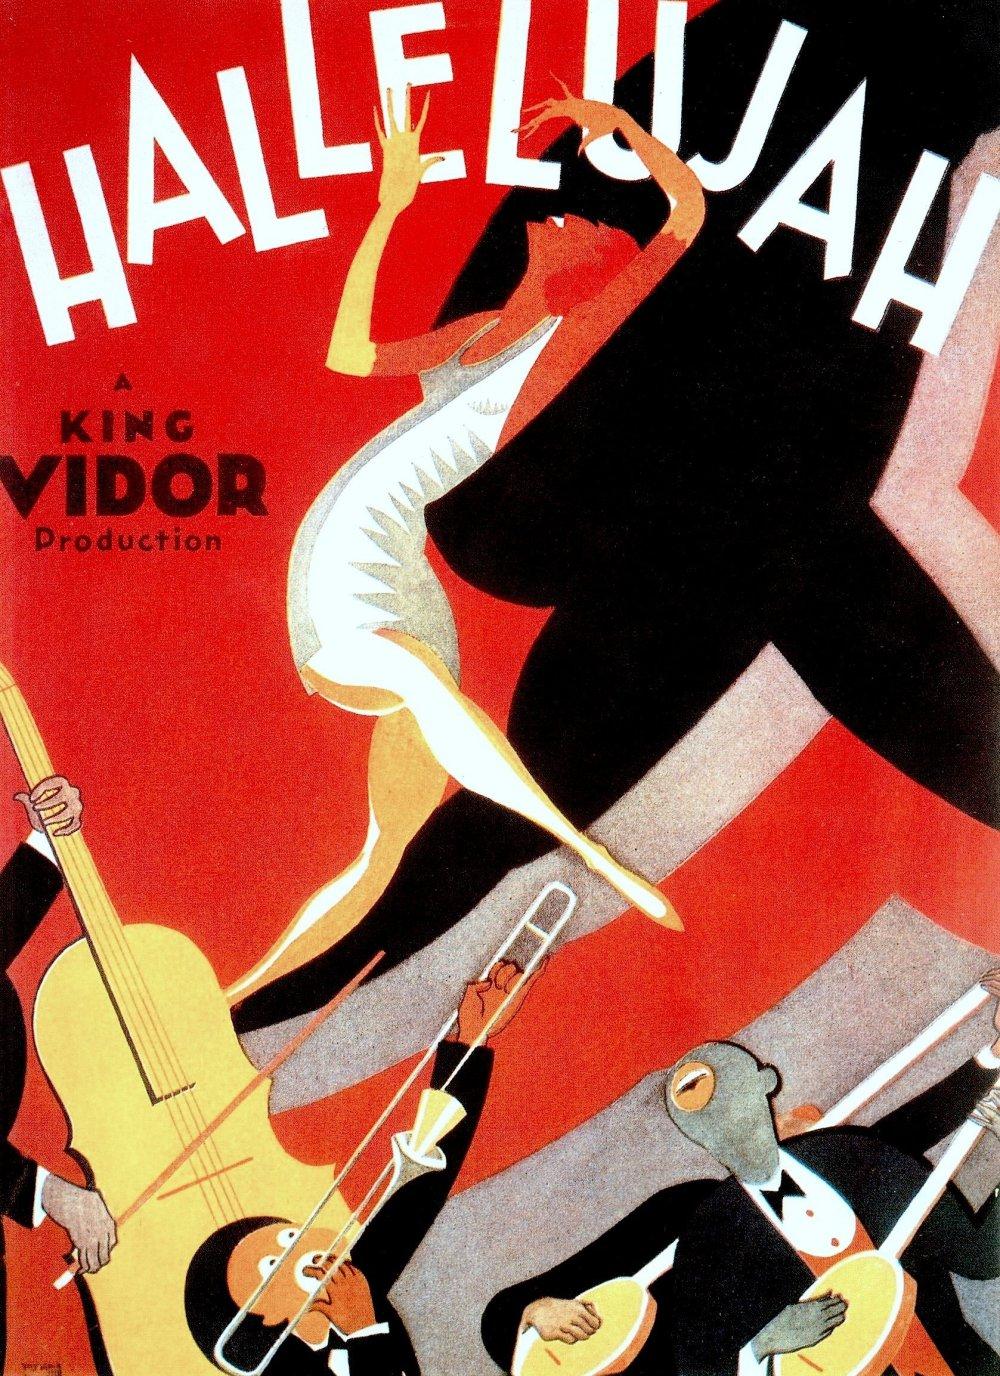 Hallelujah (1929) film poster